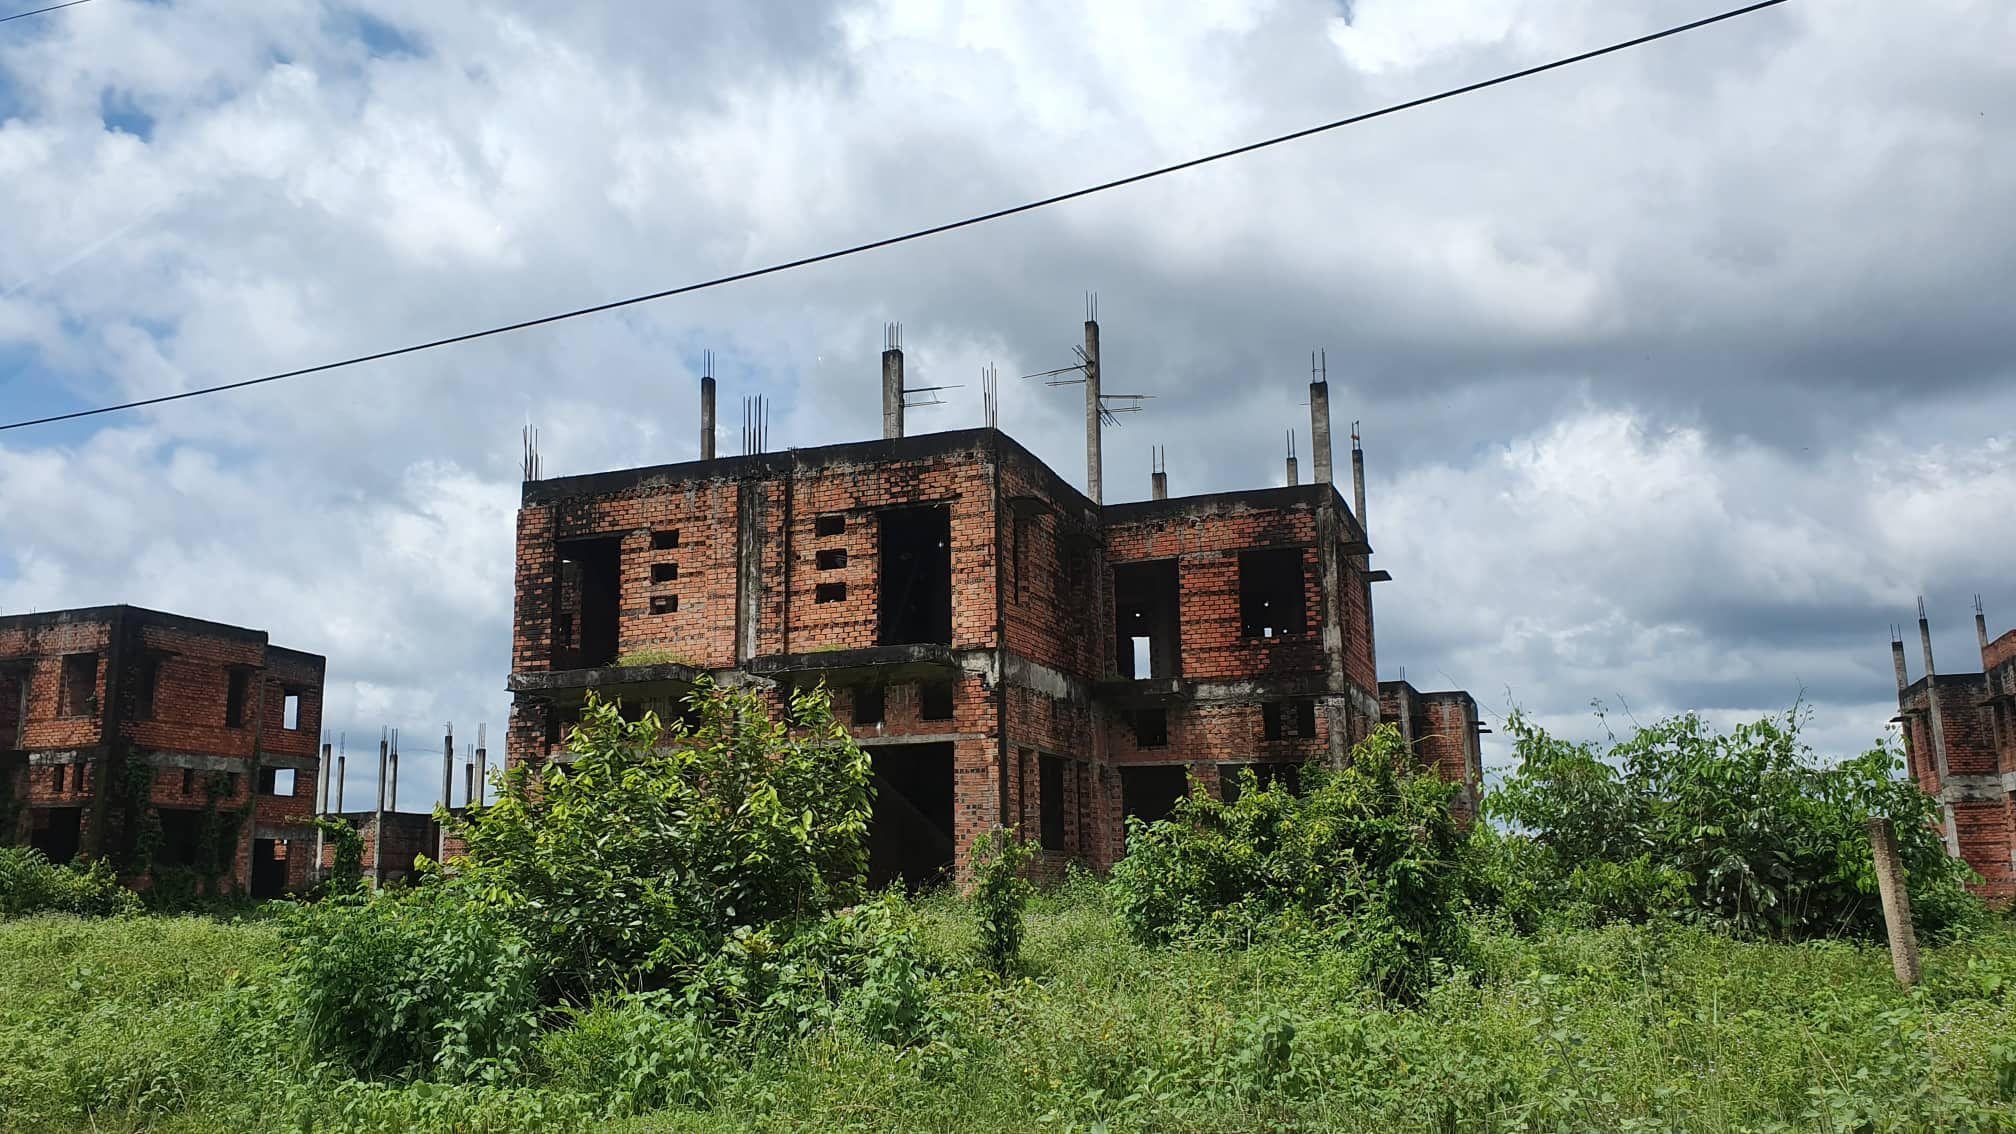 Nhiều dự án bất động sản bị bỏ hoang trên đất Đồng Nai - Ảnh 3.